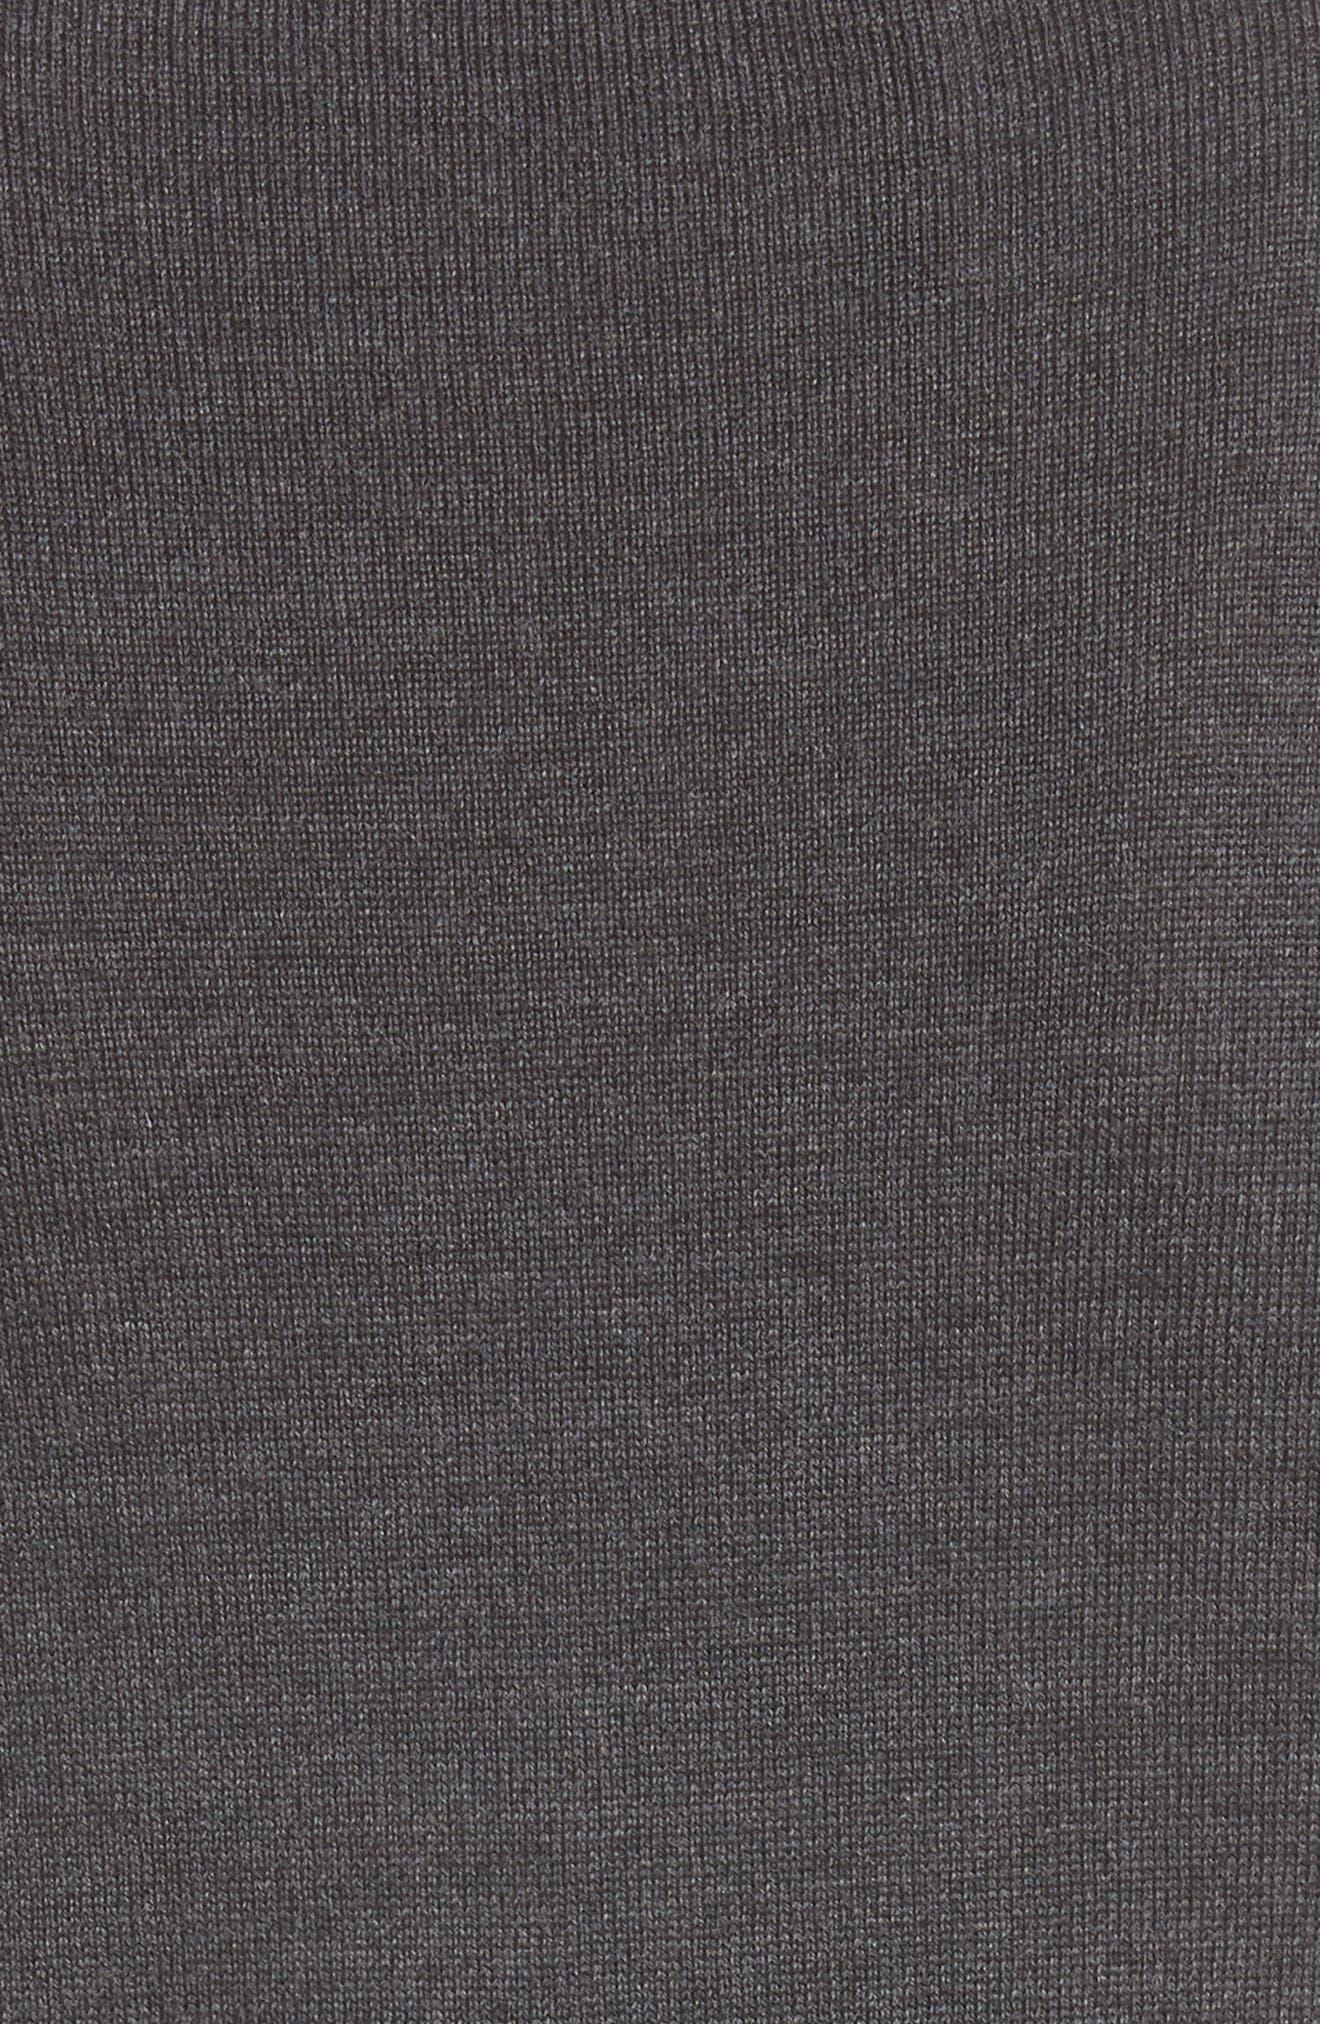 Alternate Image 3  - Fuzzi Cutout Merino Wool Sweater